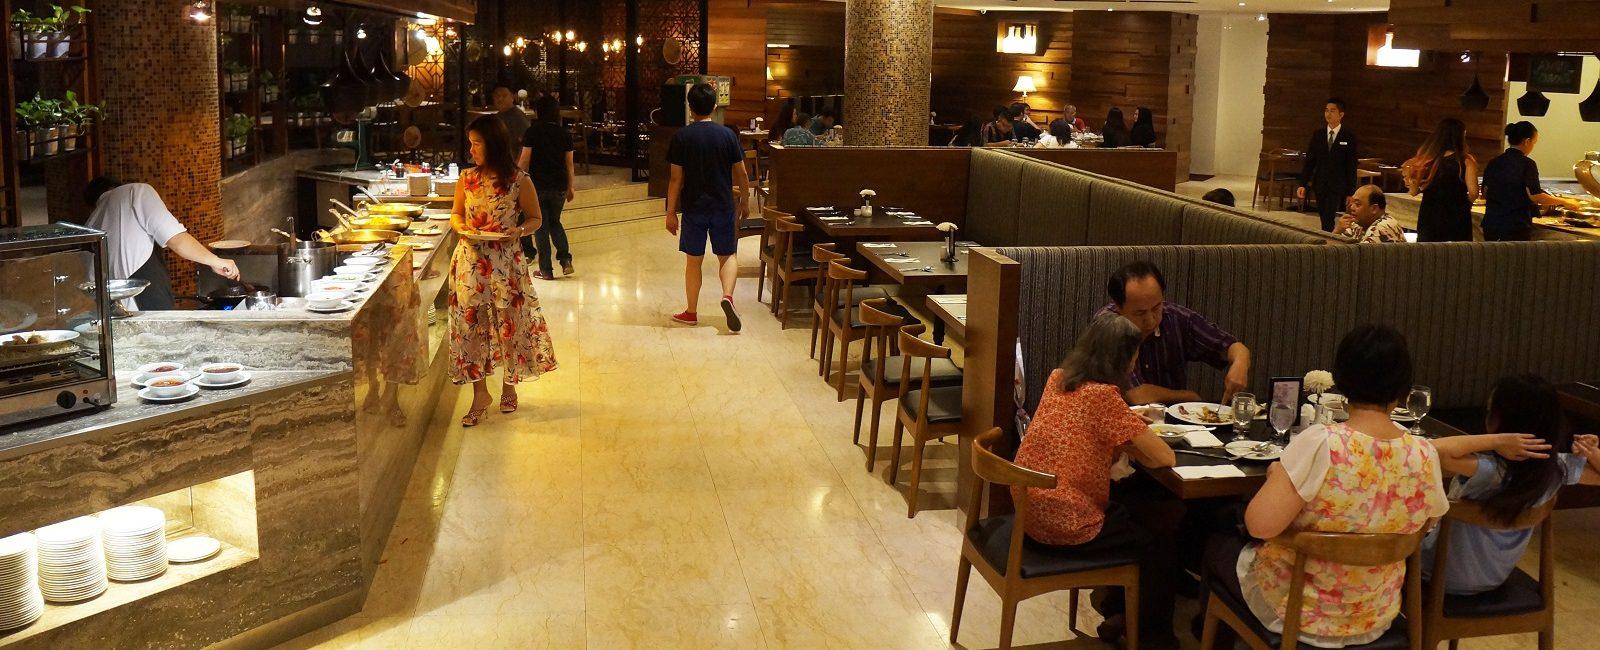 Crystal Crown Hotel Are Now In Kota Kinabalu Sabah Crystal Crown